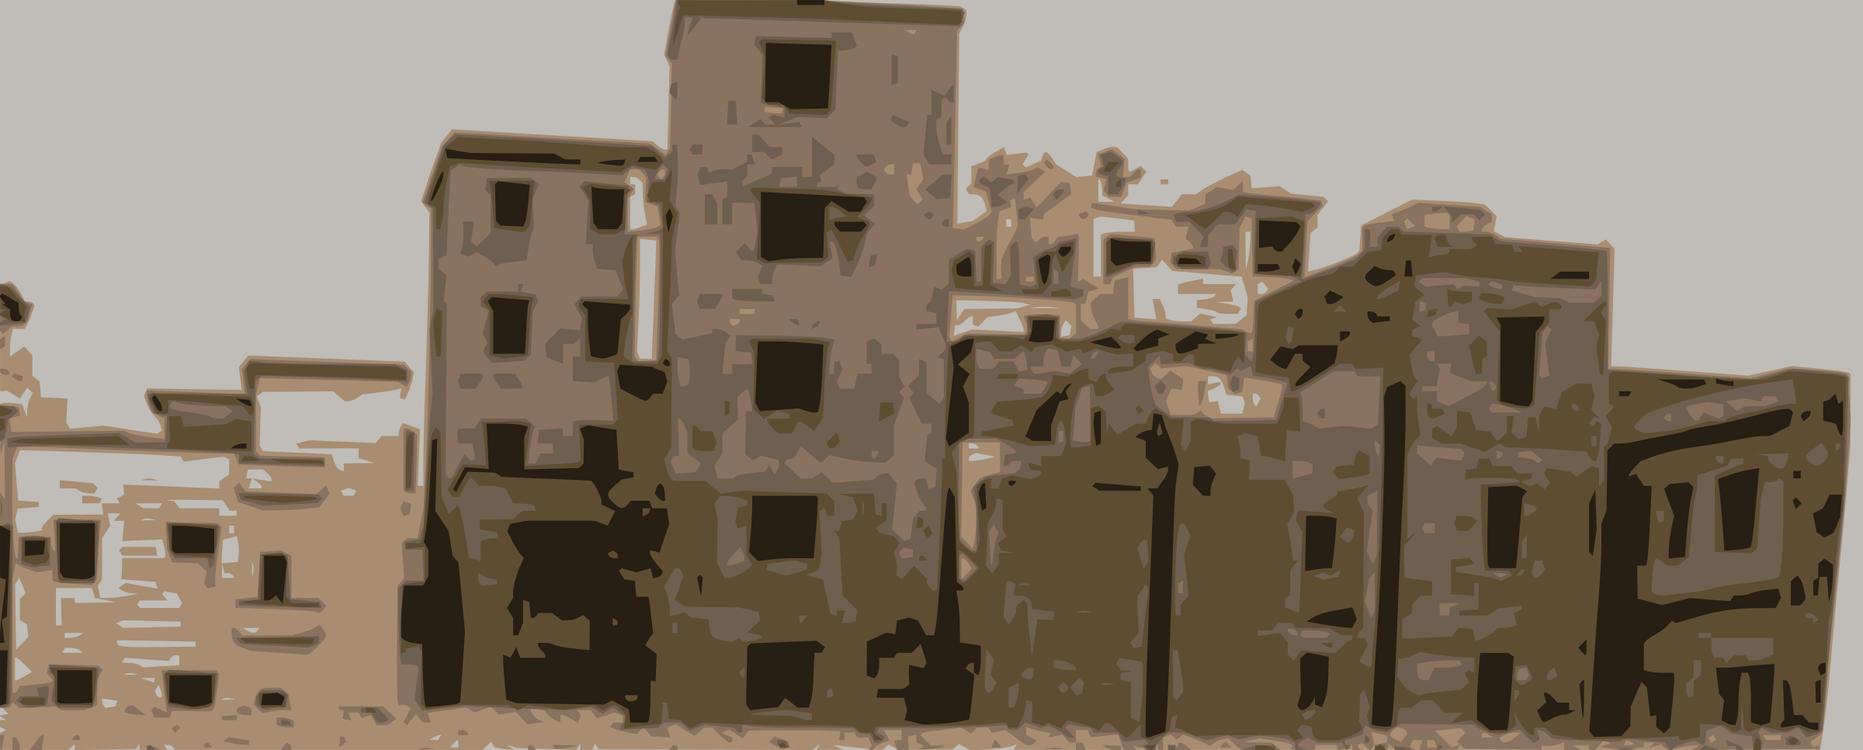 Town,Pueblo,Art